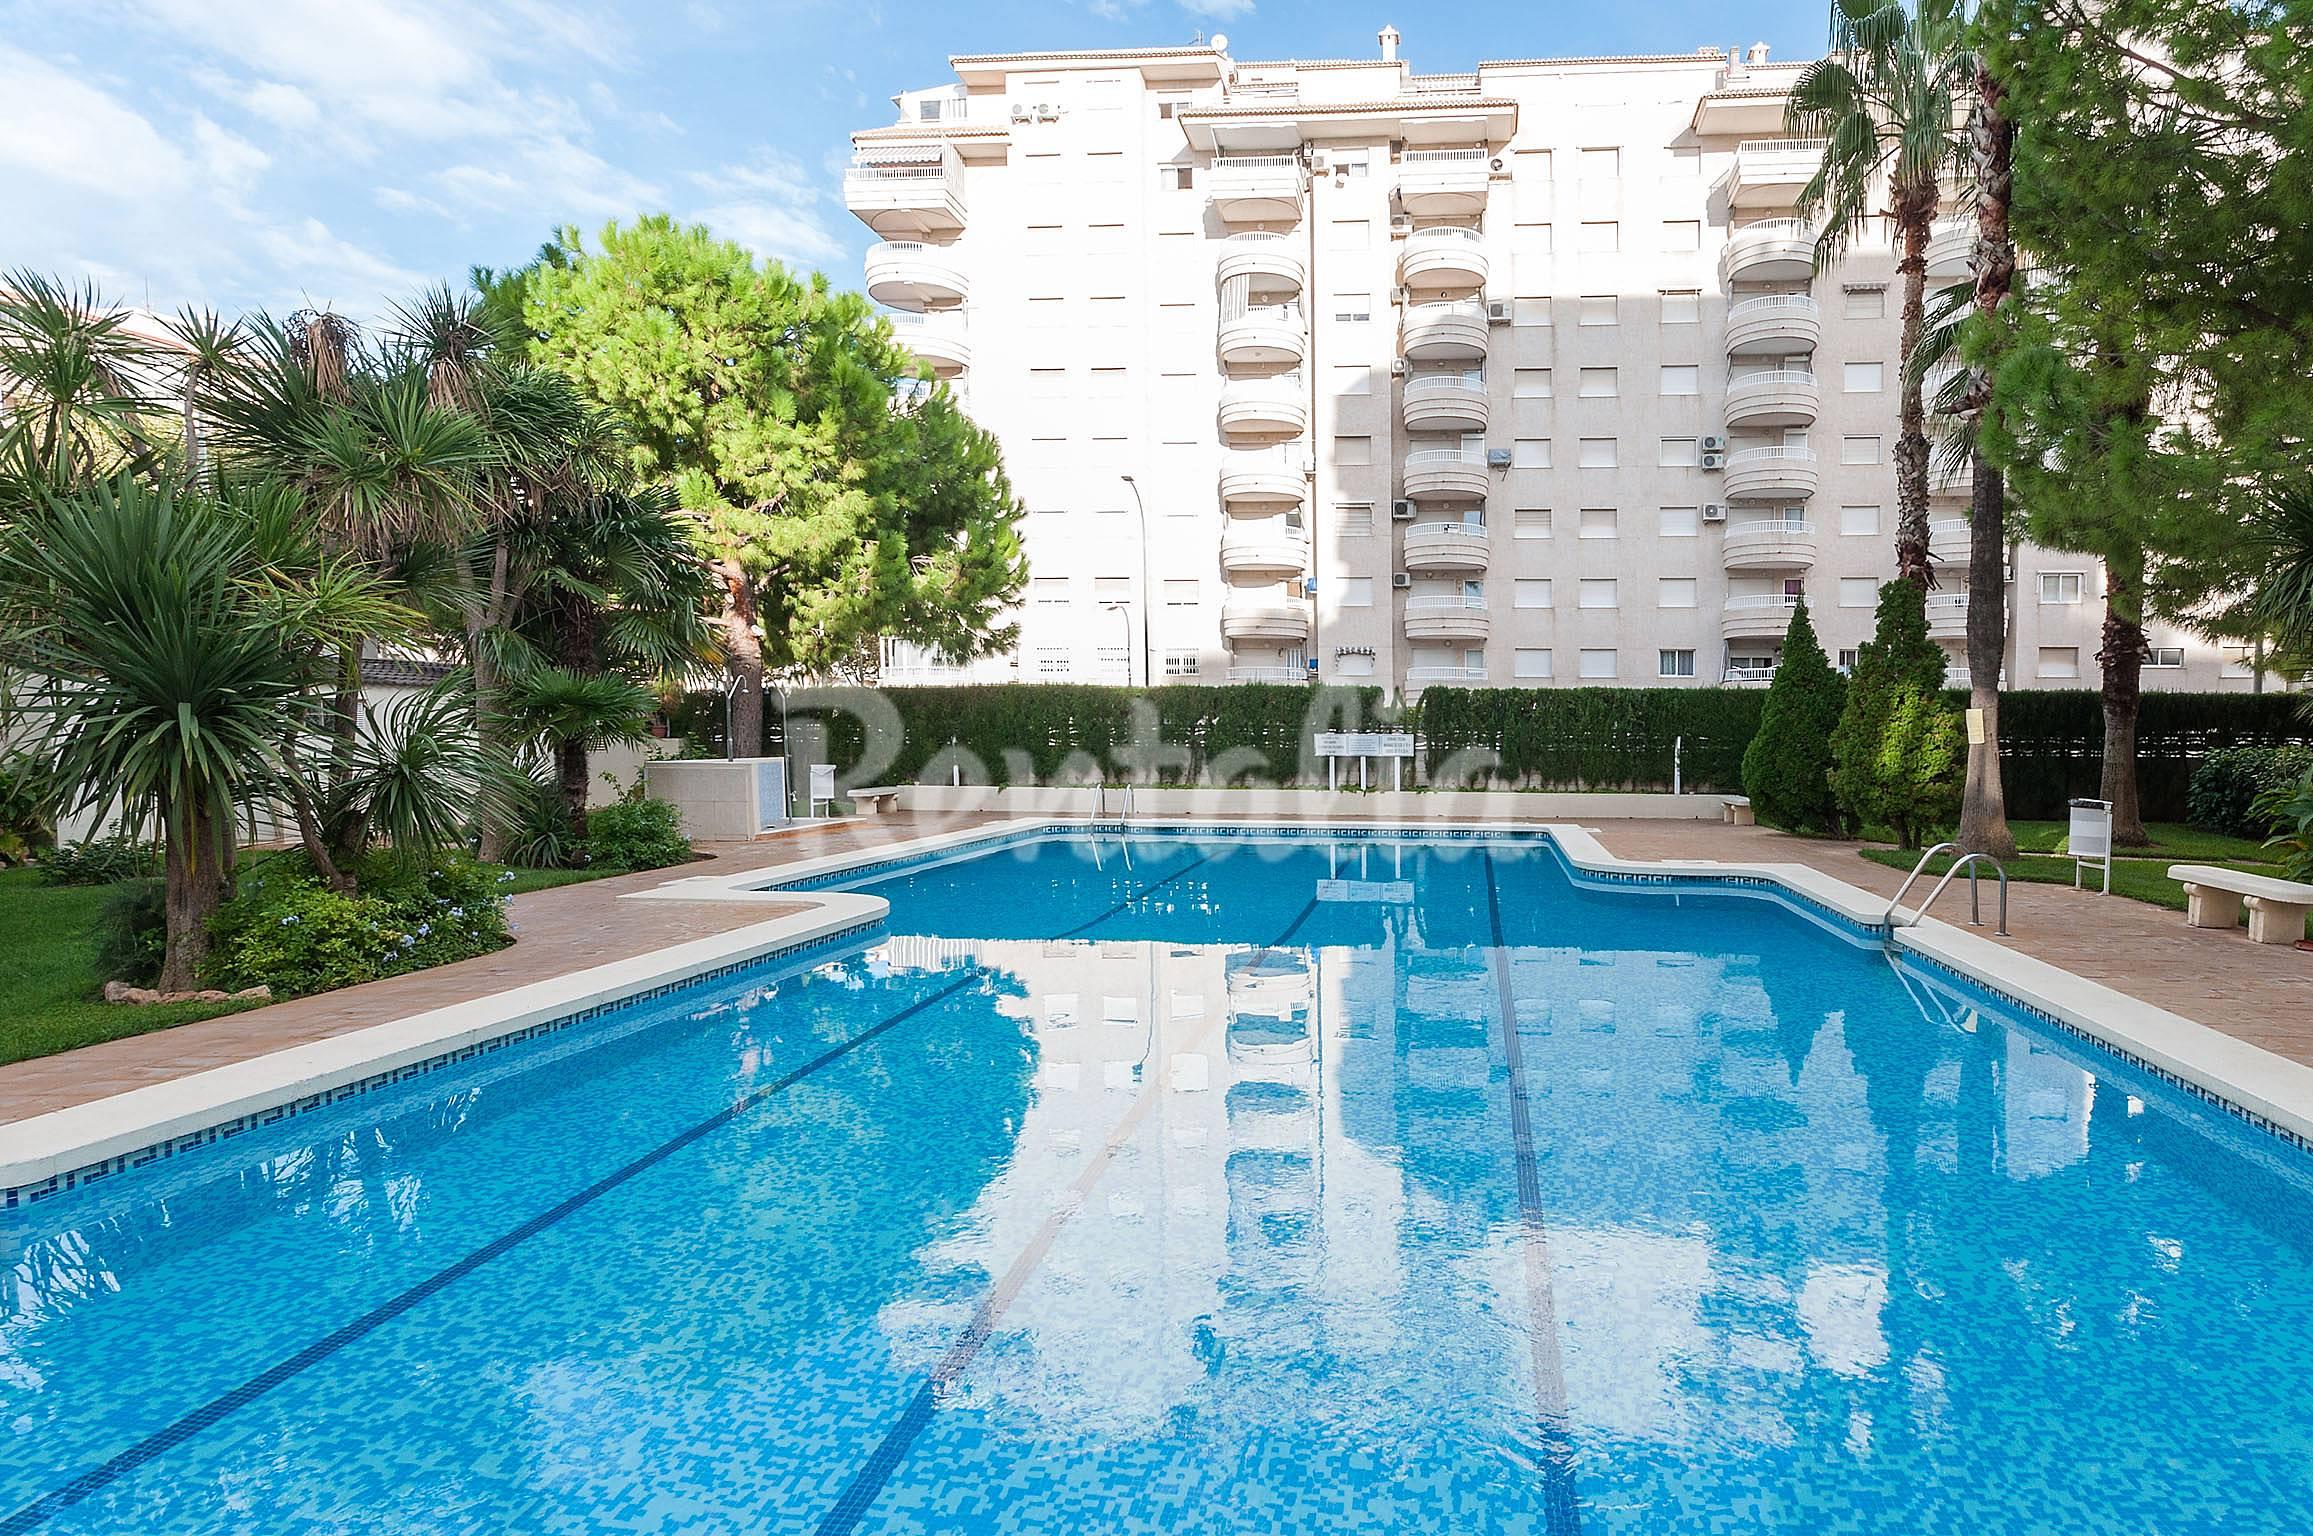 Aricina apartamento para 6 personas en playa de gandia grau i platja gandia valencia - Apartamentos en gandia playa ...